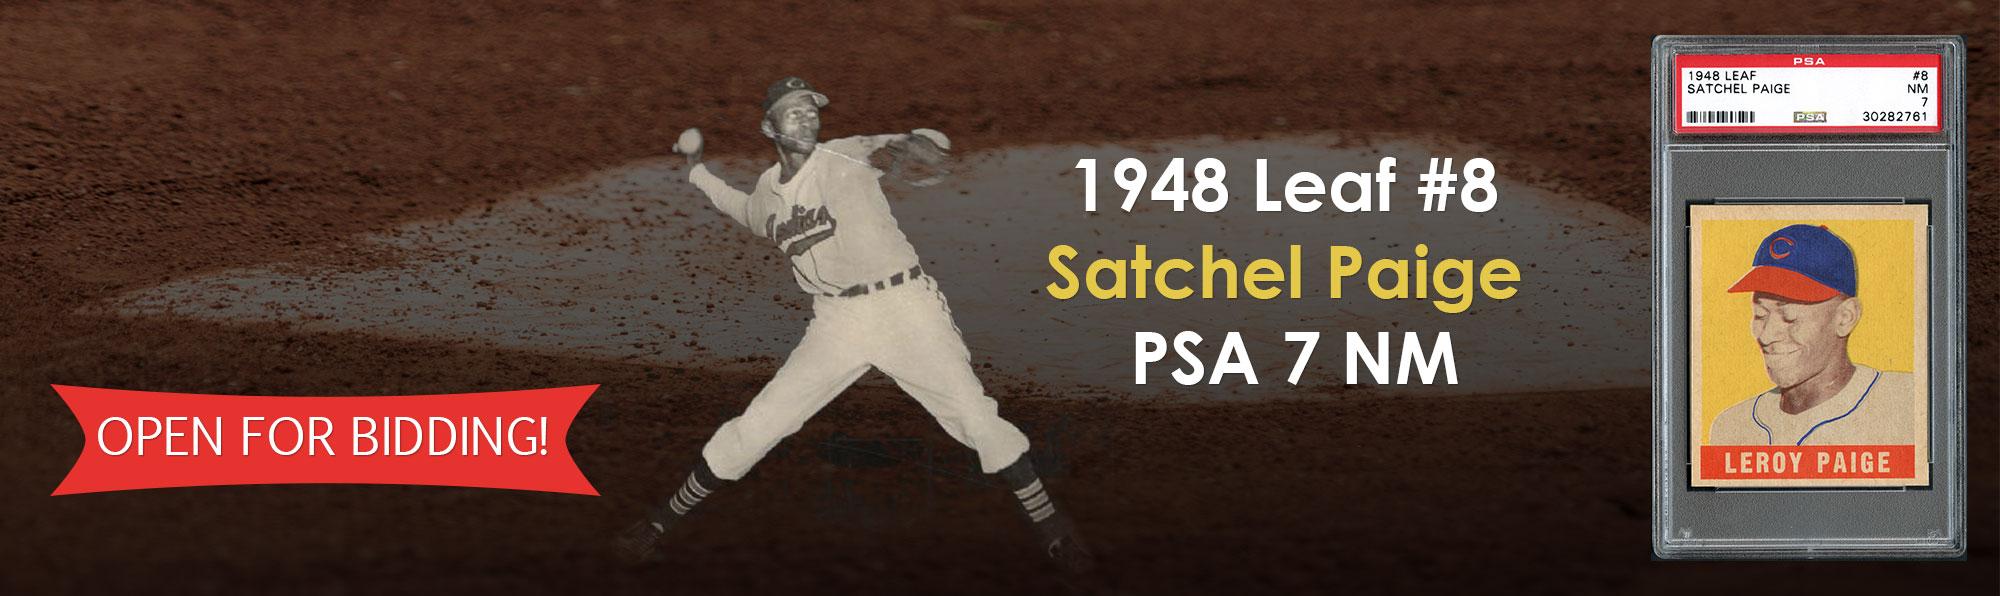 1948 Leaf #3 Satchell Paige PSA 8